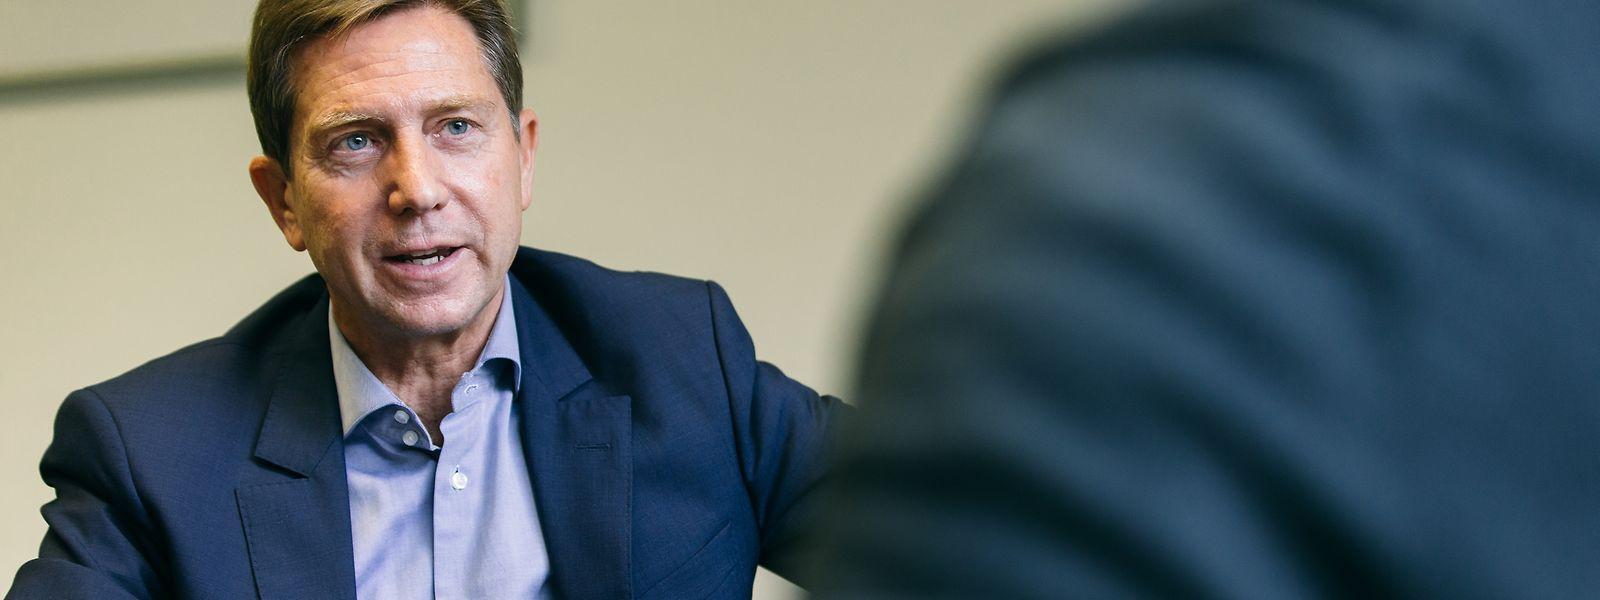 """Der Jurist und Finanzmanager David Arendt hob einst den Freeport aus der Taufe, heute ist er als Partner von """"The Directors Office"""" unabhängiger Unternehmensdirektor."""